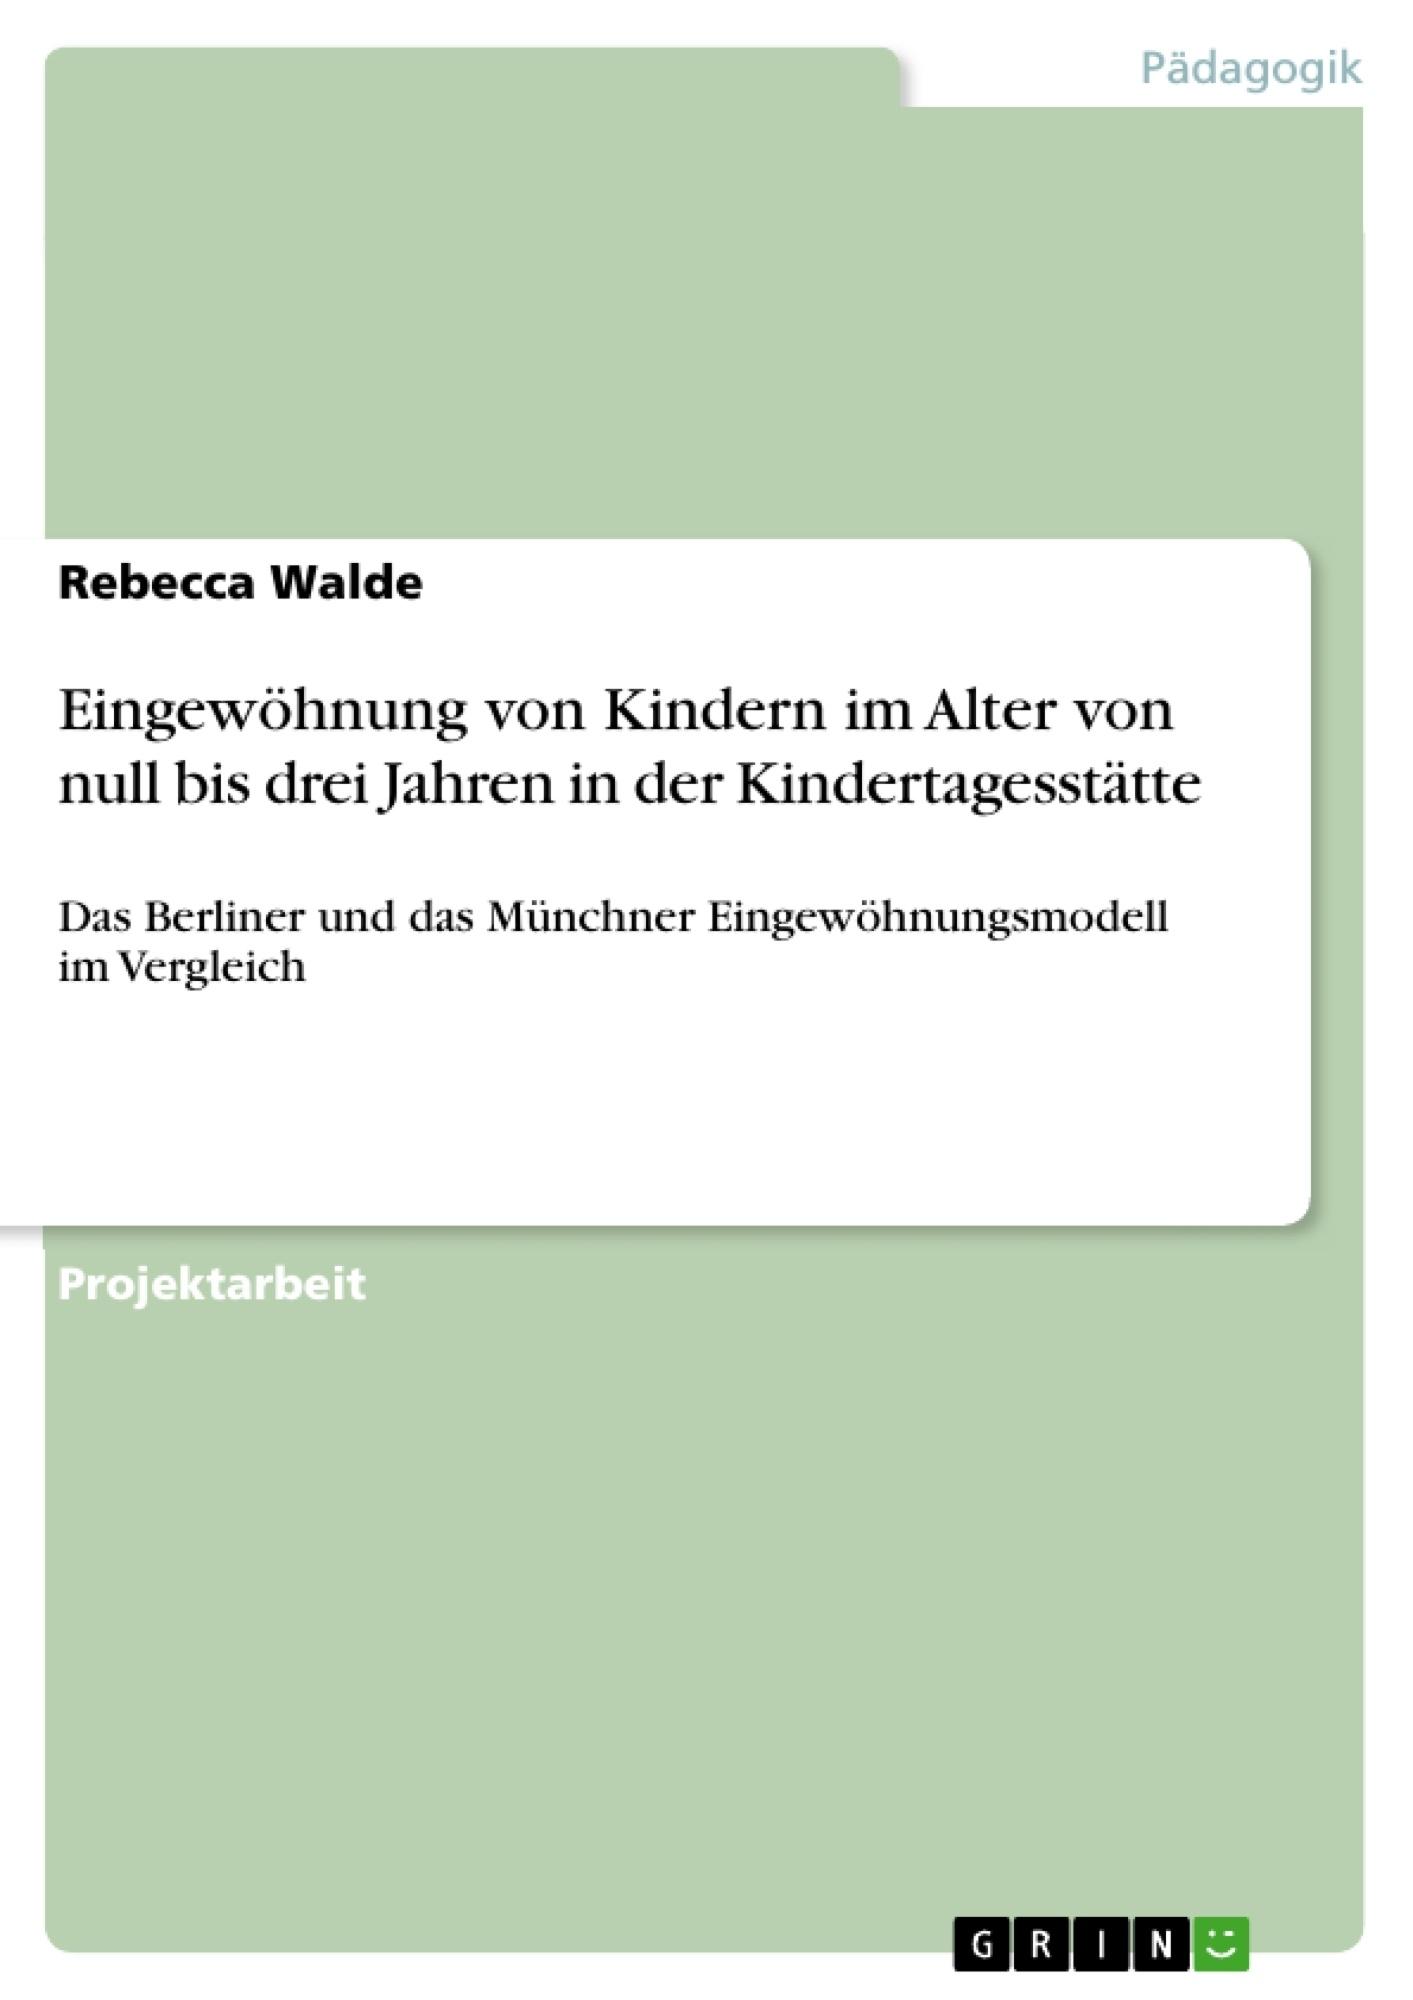 Titel: Eingewöhnung von Kindern im Alter von null bis drei Jahren in der Kindertagesstätte